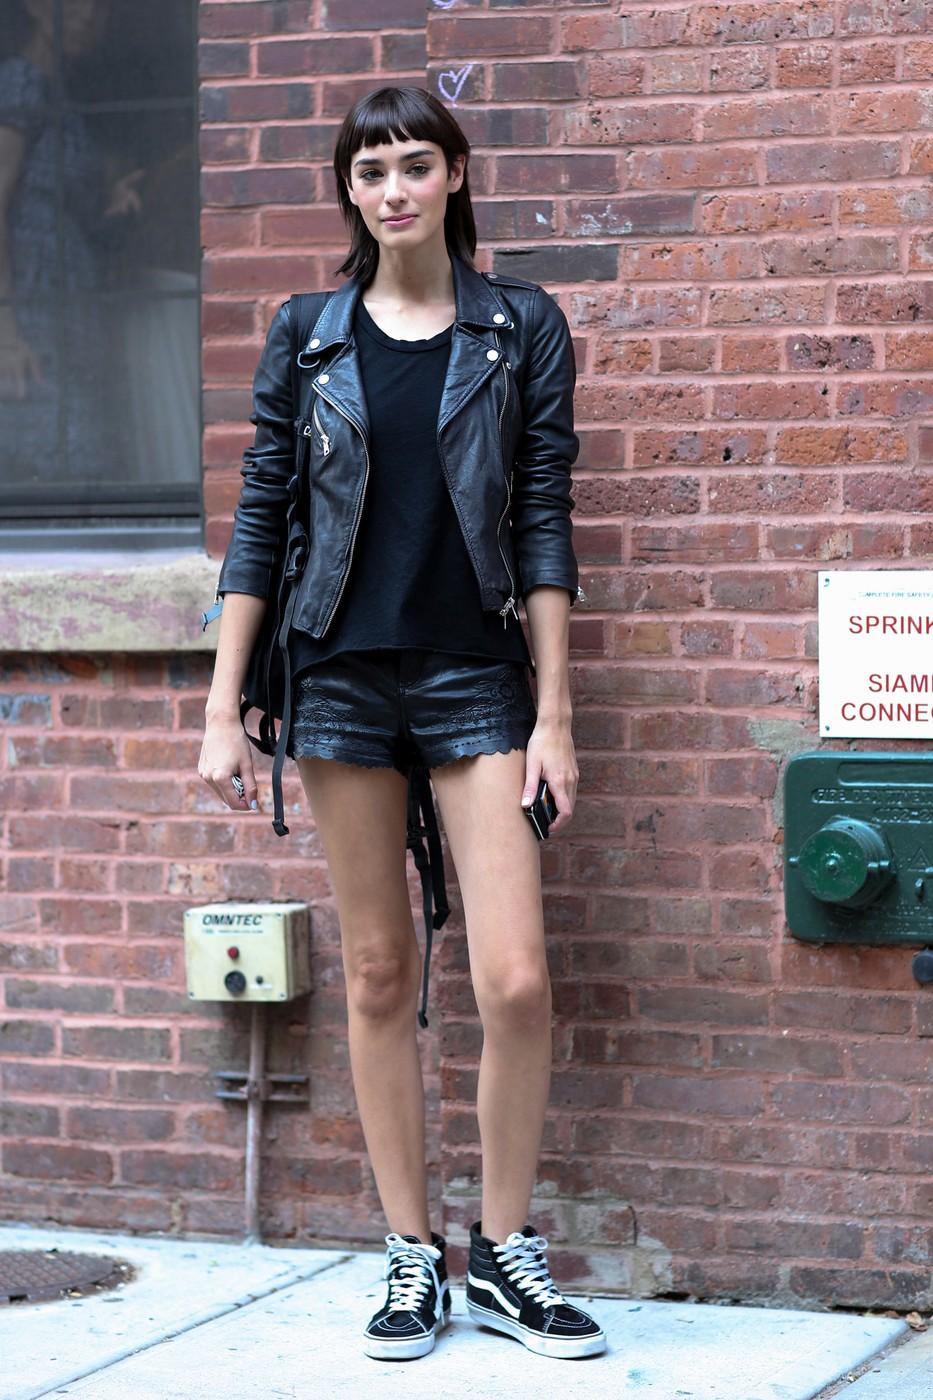 Кожаные шорты с перфорацией и кожаная куртка